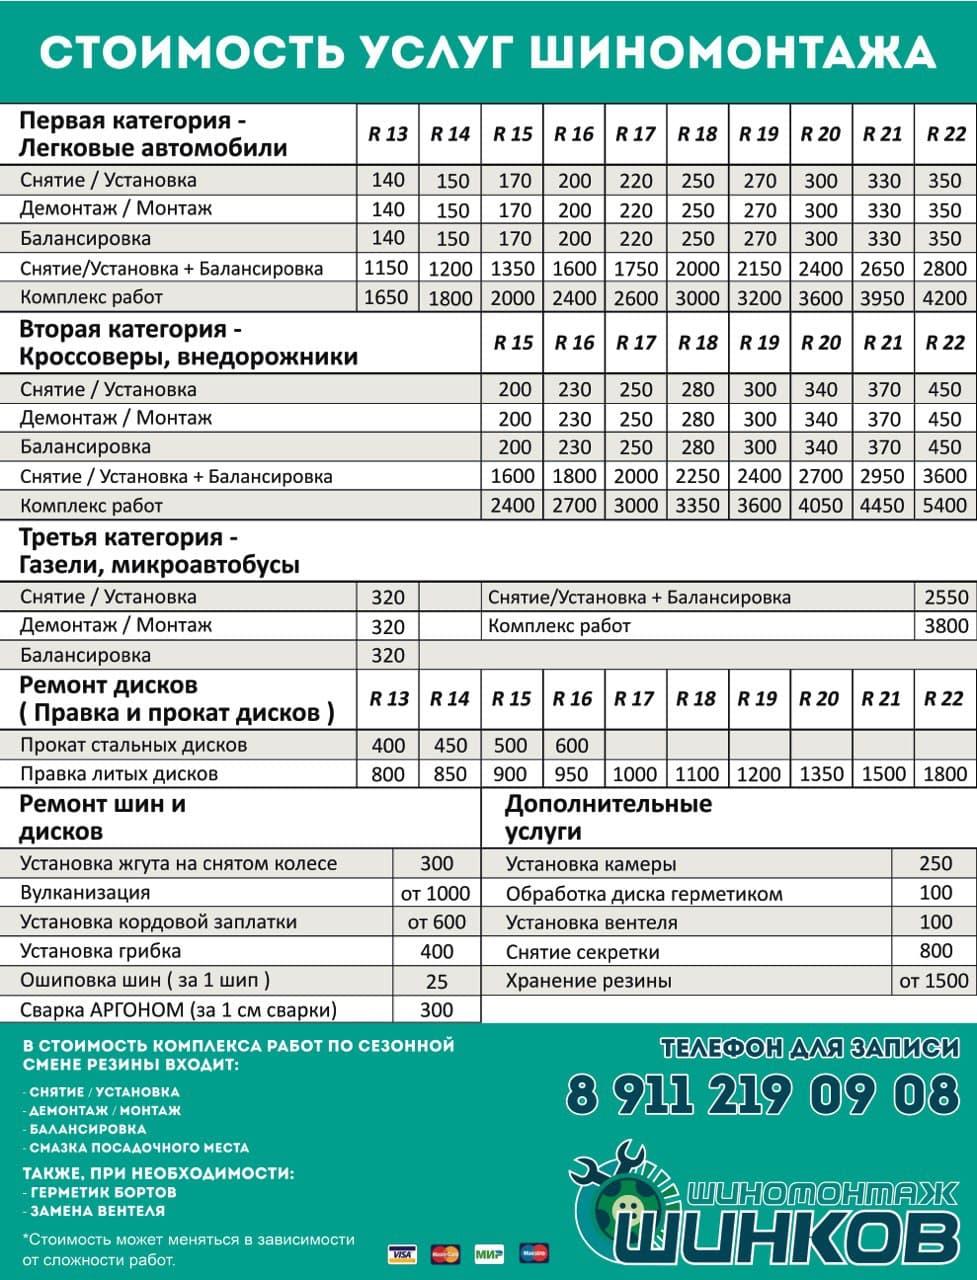 Цены на обслуживание вашего автомобиля